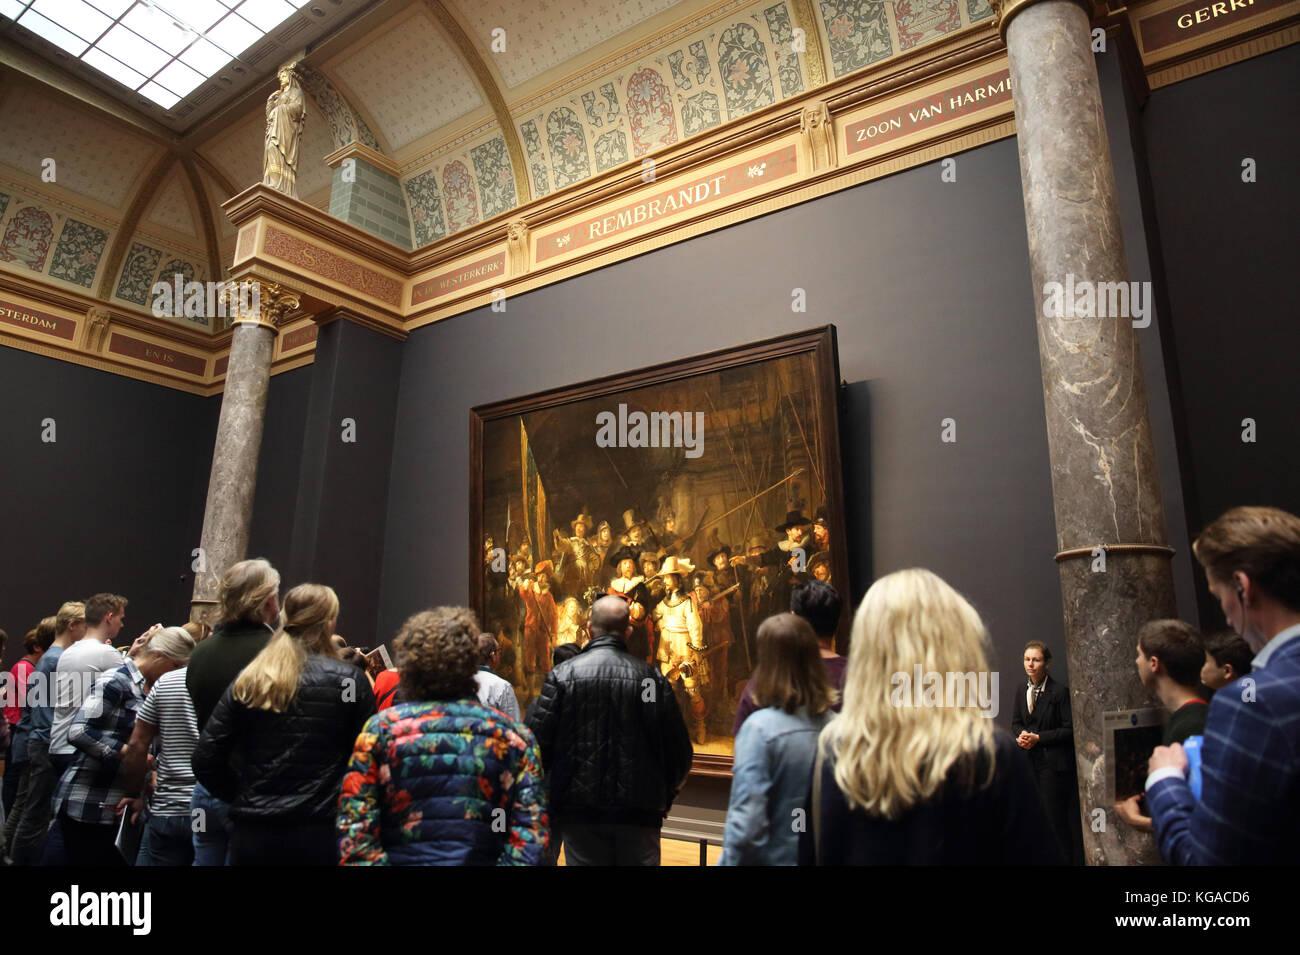 Die Nachtwache Malerei in der Galerie von Rembrandt im Rijksmuseum, dem Museumplein, in Amsterdam, Niederlande Stockbild